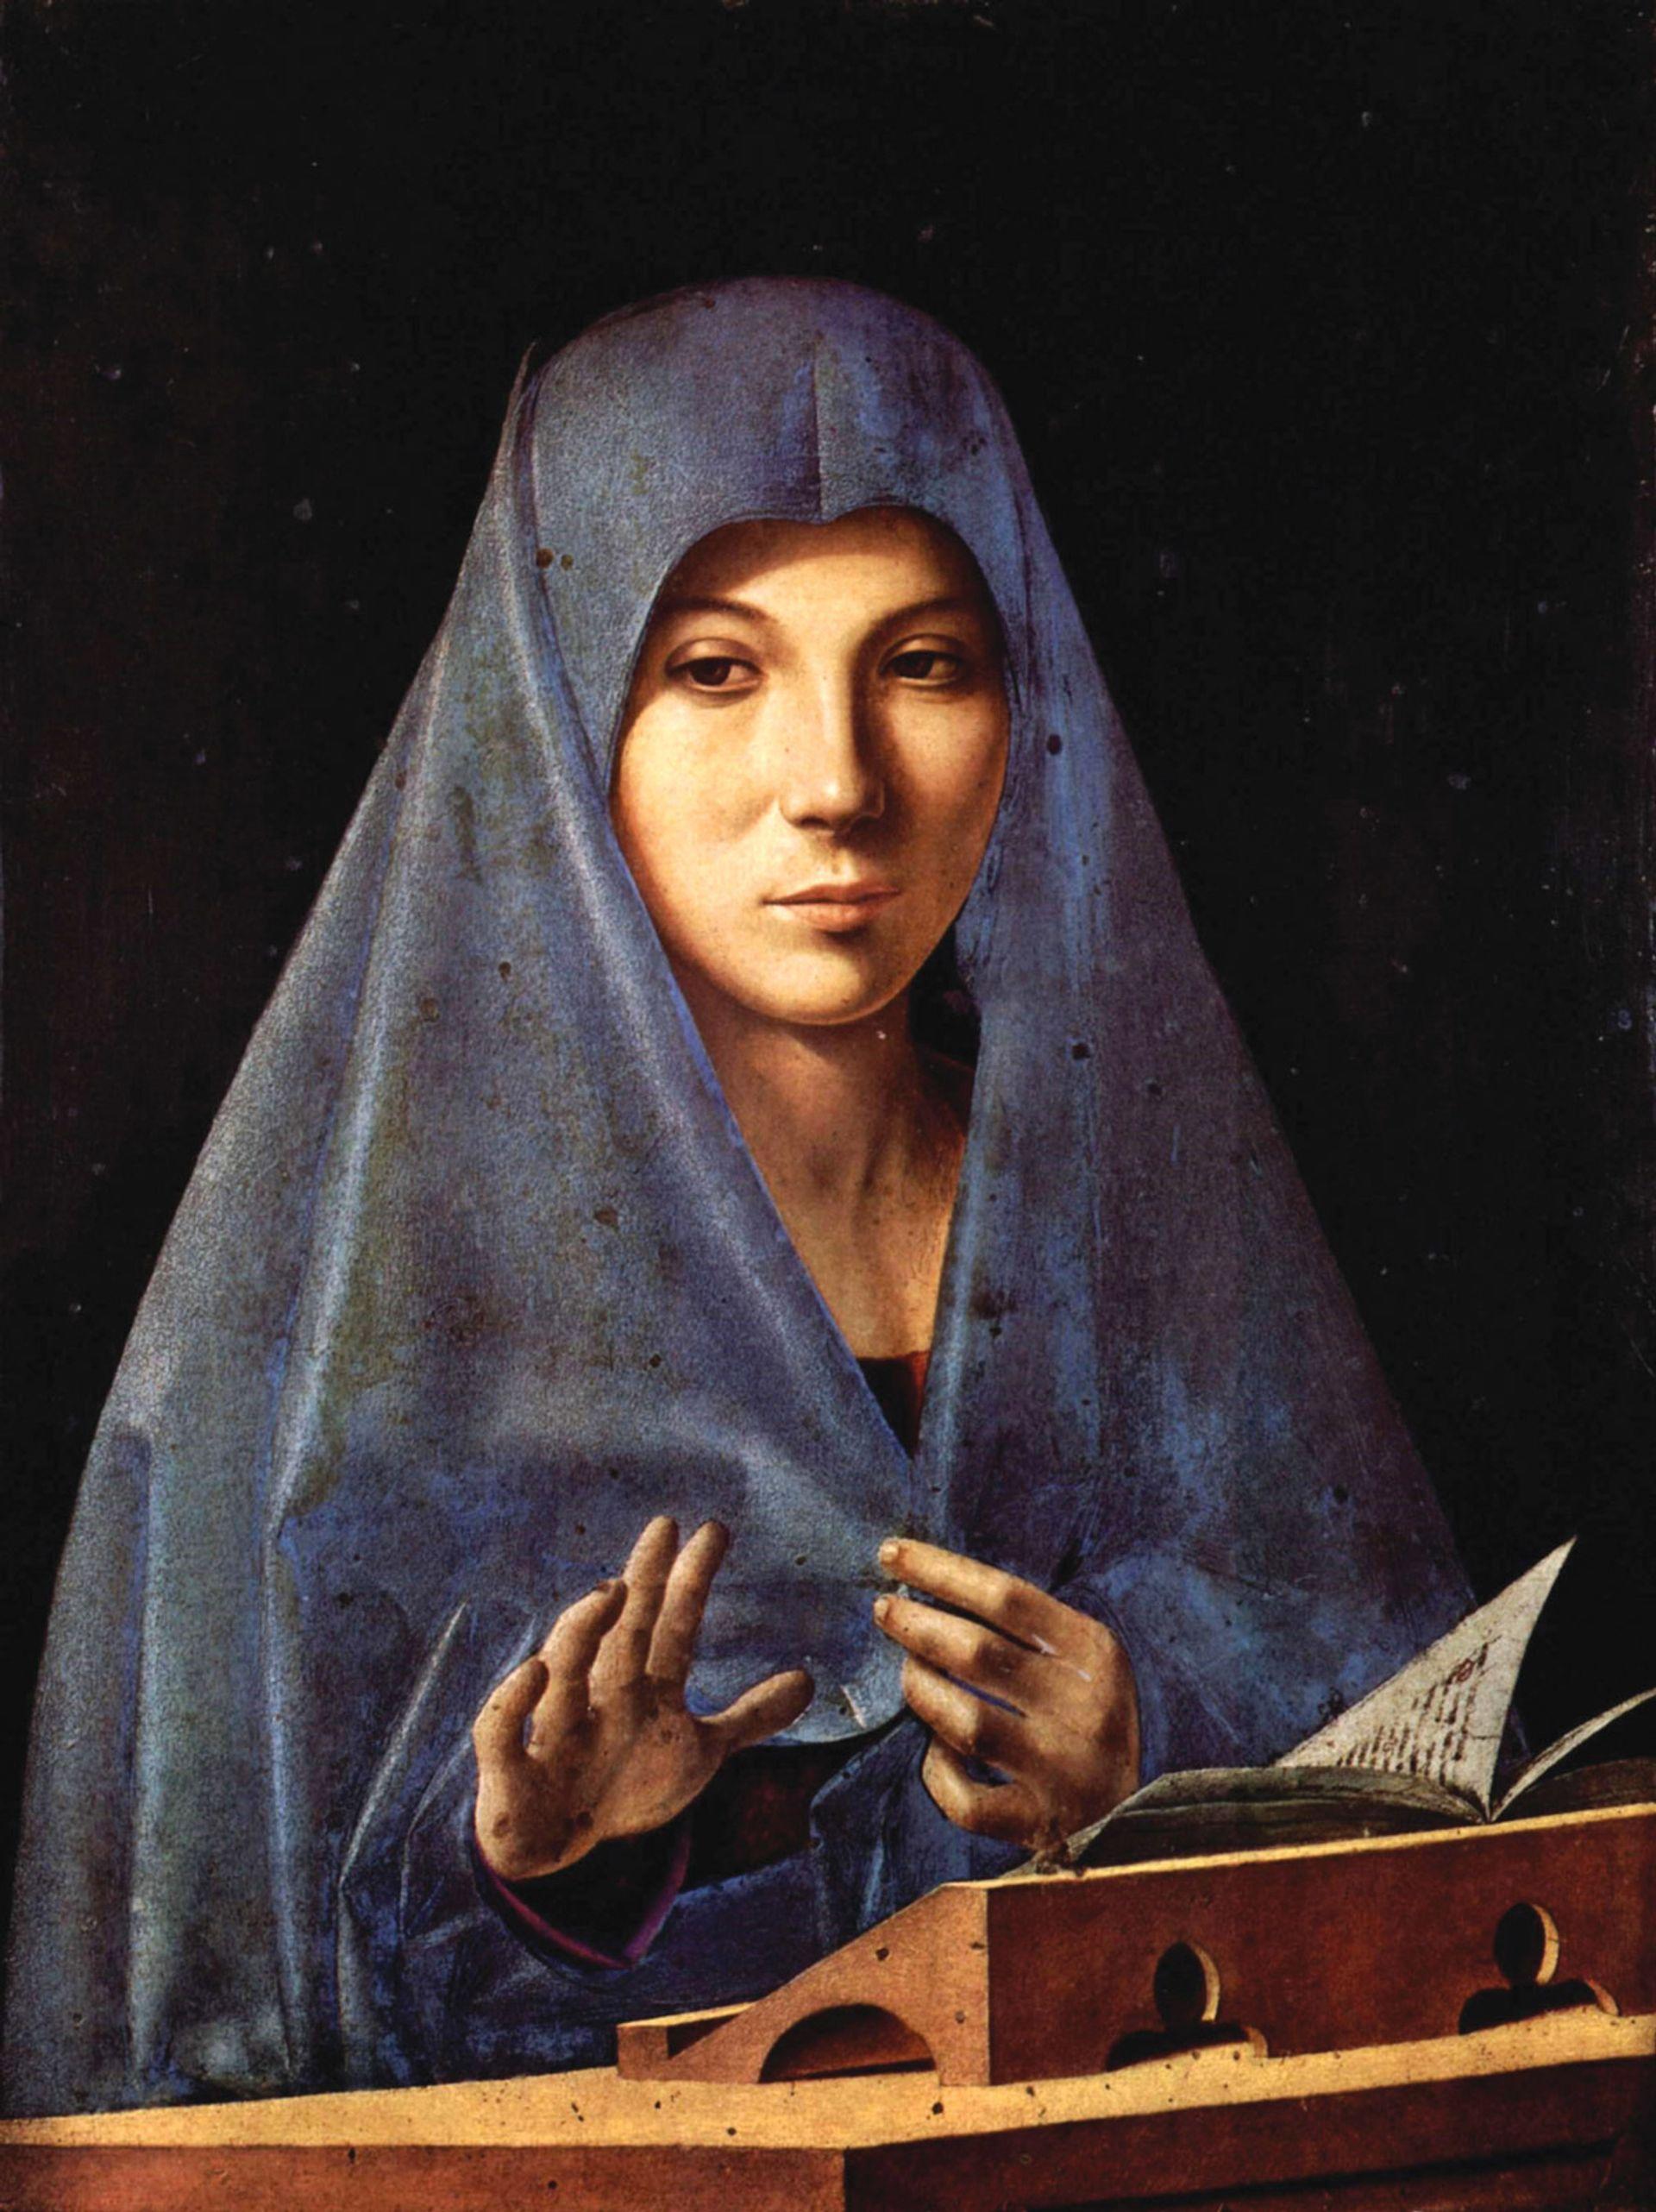 Antonello da Messina, L'Annunciata (the Virgin Annunciate), (1475-76) © Galleria Regionale di Palazzo Abatellis, Palermo